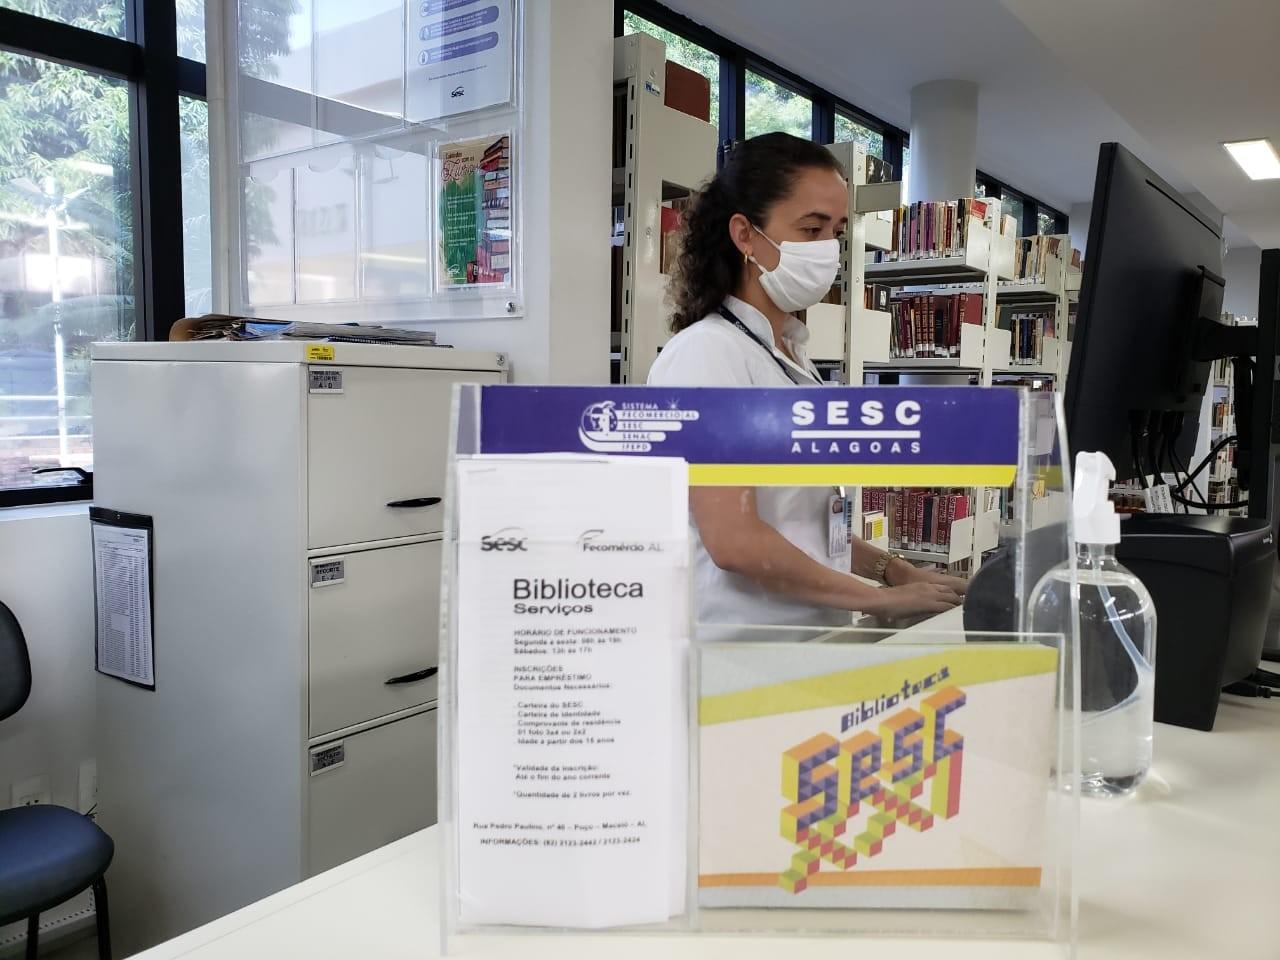 Fechadas por causa da pandemia, bibliotecas do Sesc em Alagoas reabrem após quase 6 meses